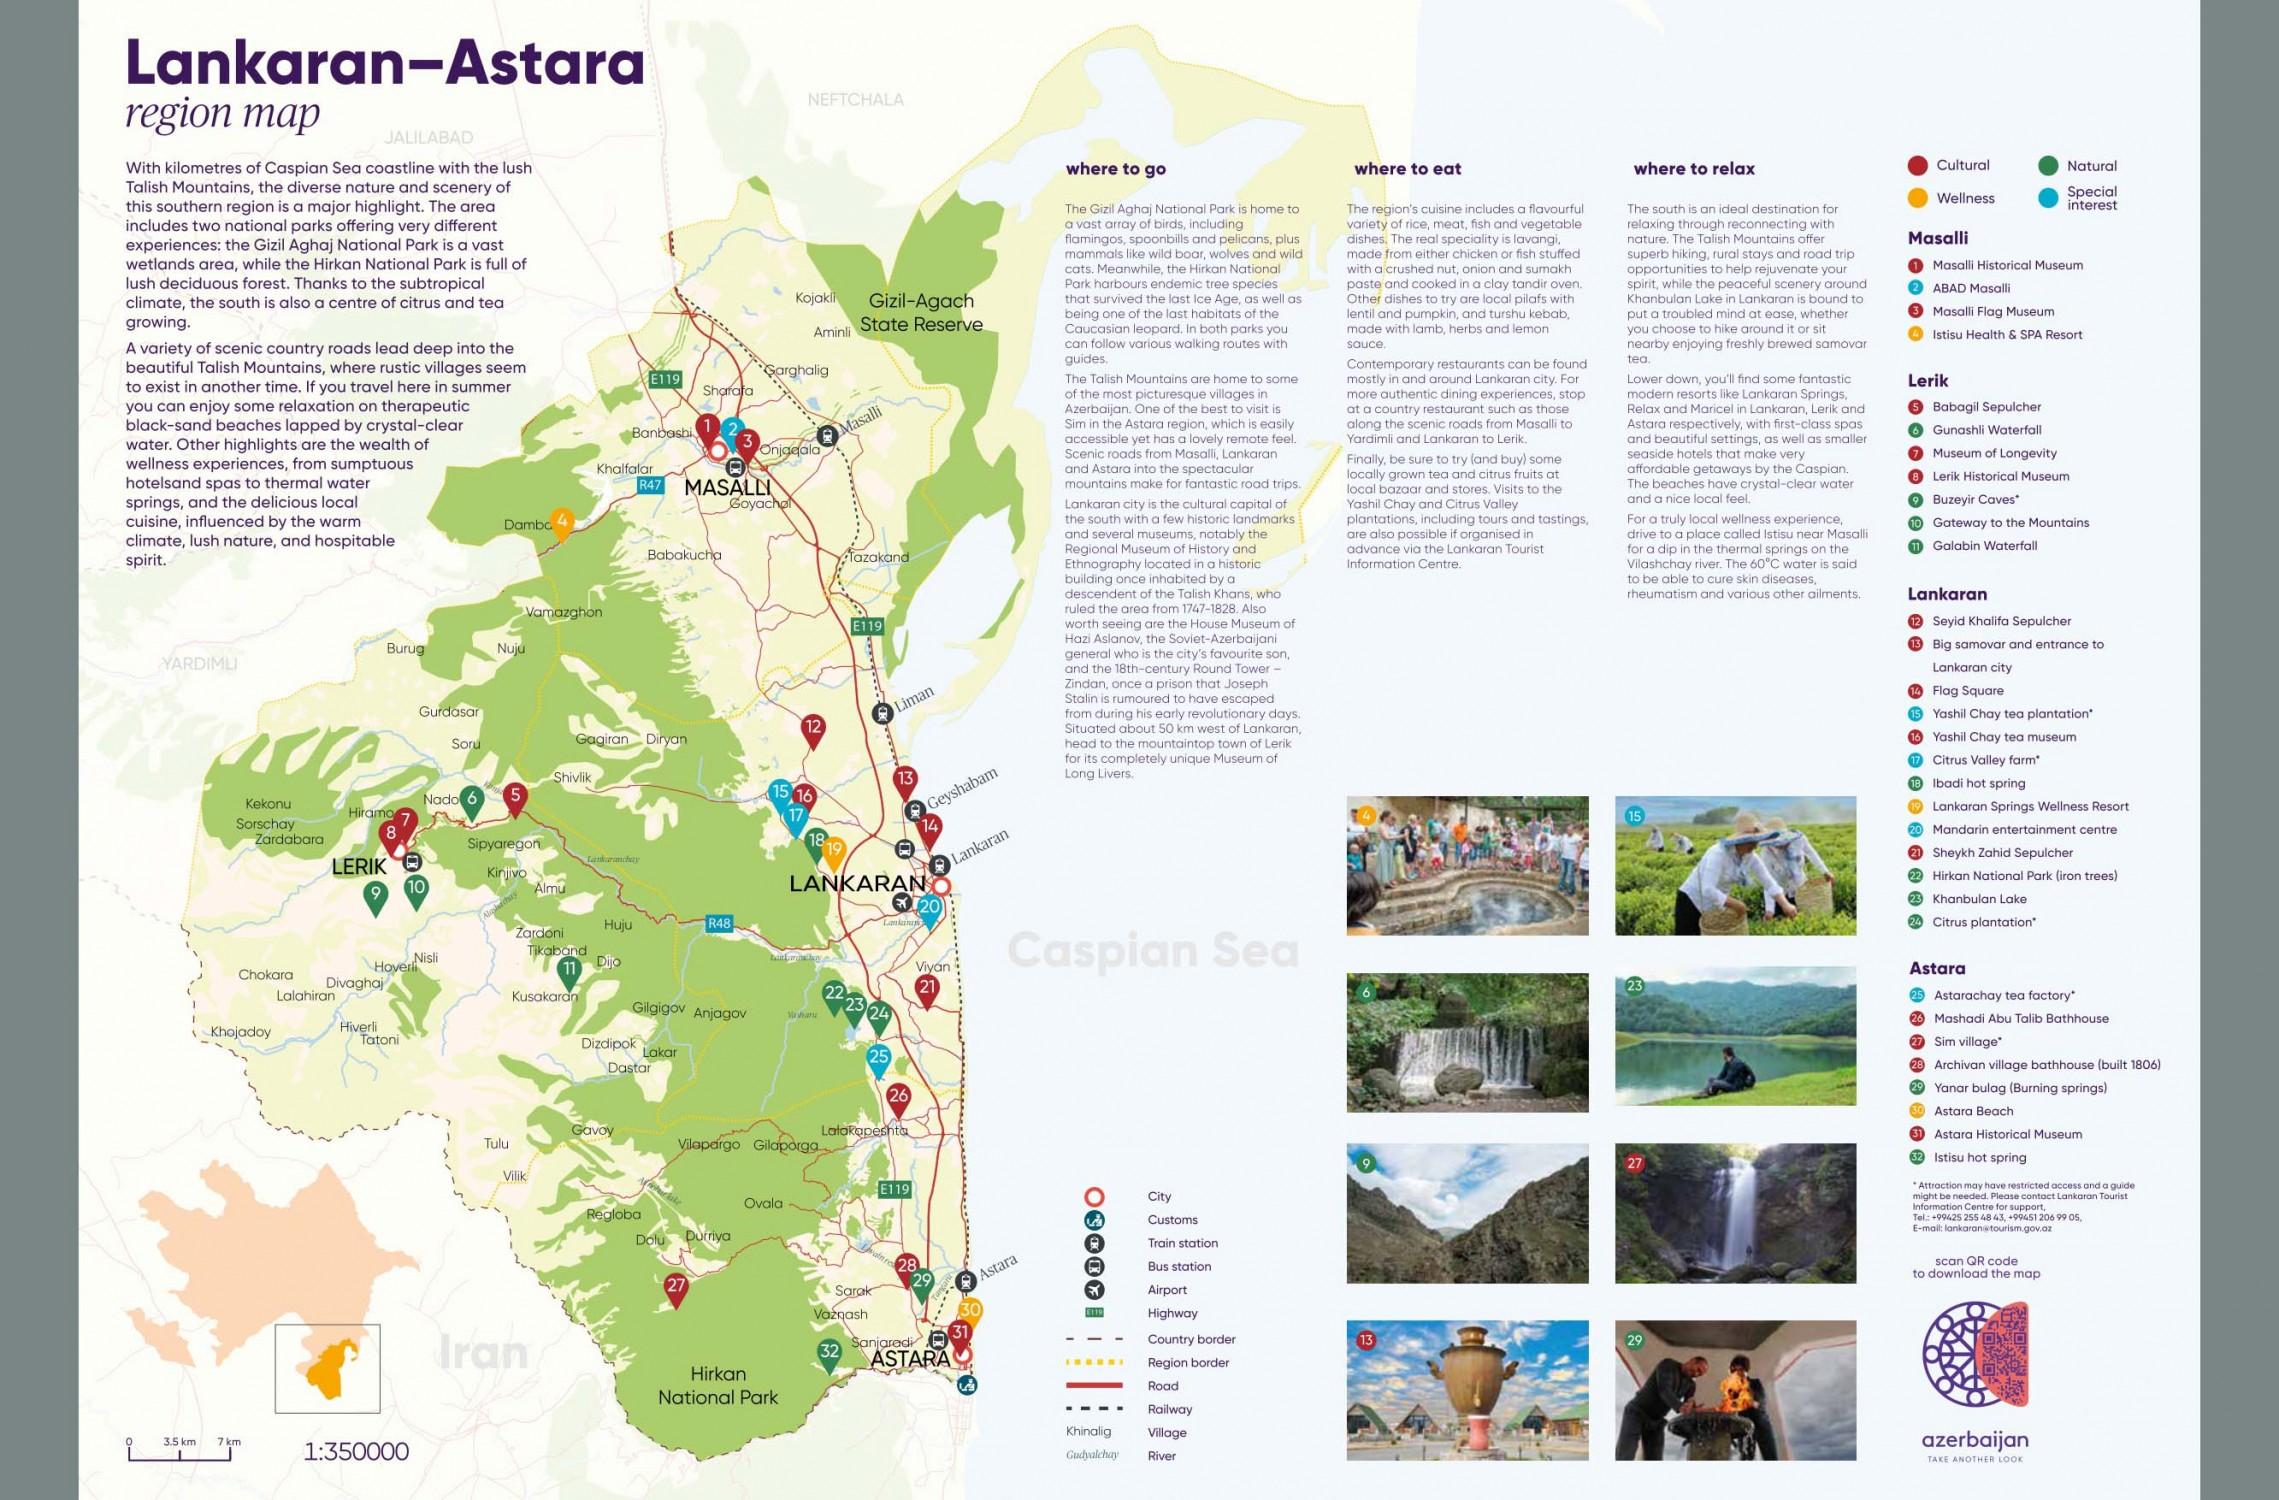 Cənub turizm dəhlizi üzrə Lənkəran-Astara regional xəritəsi hazırlanıb